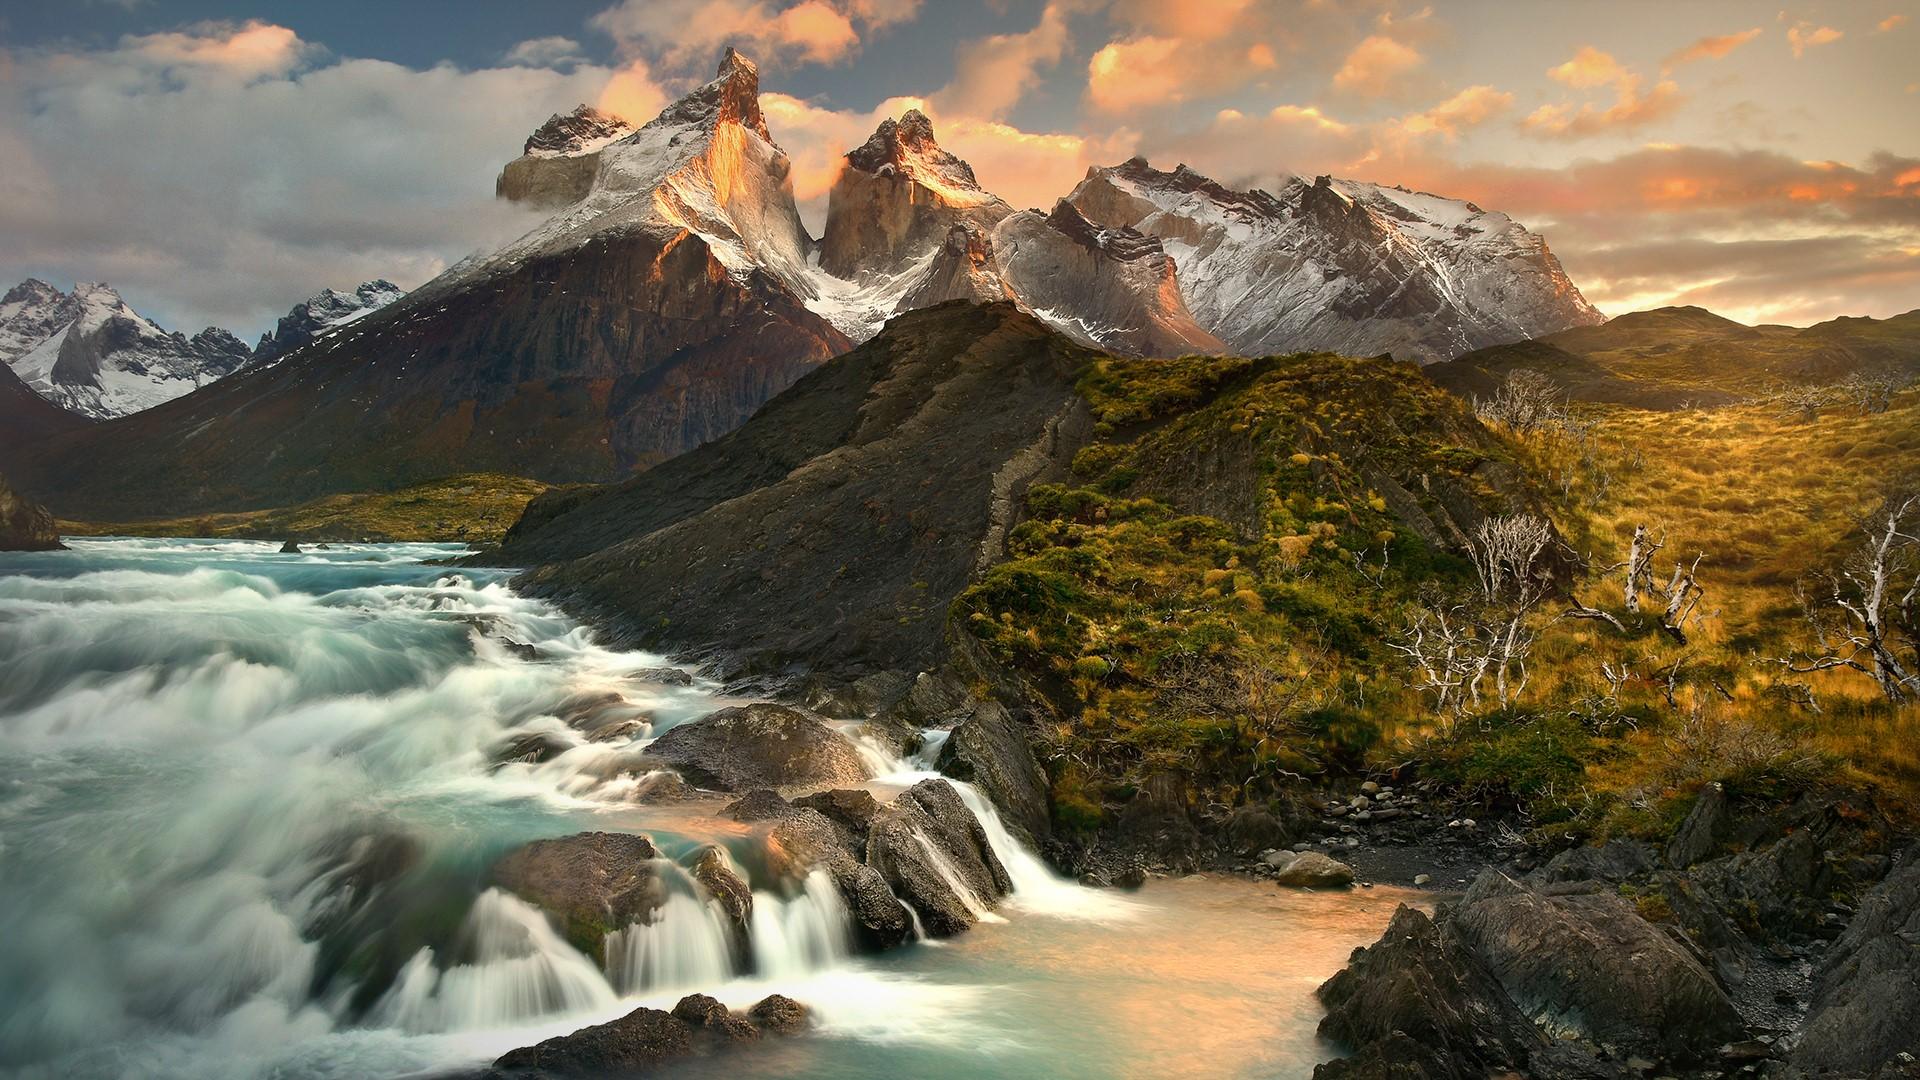 图片[8]-【壁纸分享】自然风景01-机核元素 - yangshader.com